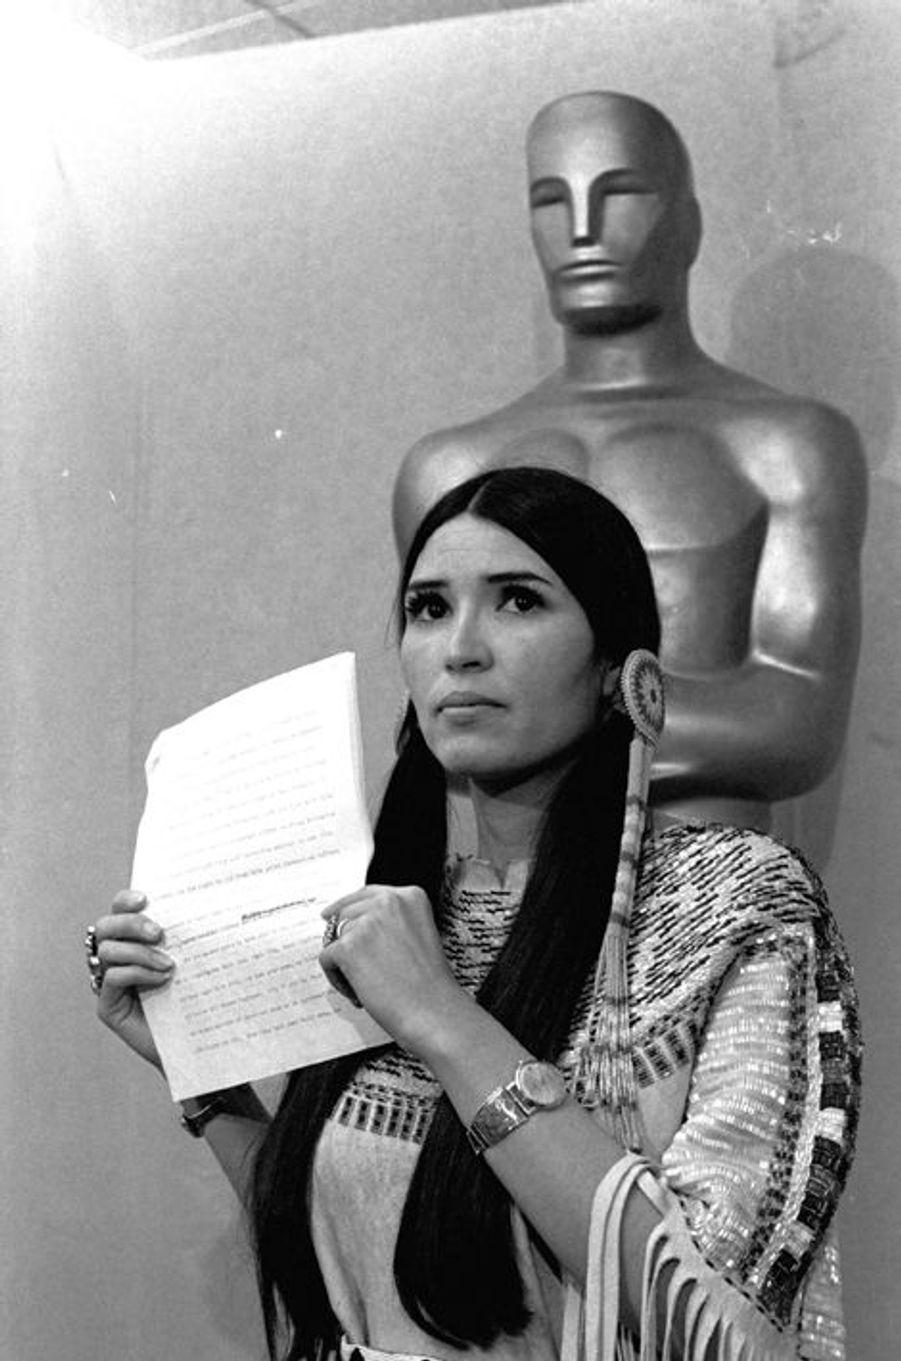 Primé pour son rôle dans «Le Parrain» en 1973, Marlon Brando refuse son Oscar du meilleur acteur et profite de l'évènement pour envoyer Sacheen LittleFeather, activiste pour les droits des natifs américains. Celle-ci dénonce le portrait fait des Amérindiens dans les œuvres cinématographiques et de divertissement devant l'ensemble de la profession et des journalistes réunis pour l'occasion, bénéficiant ainsi d'une exposition exceptionnelle.